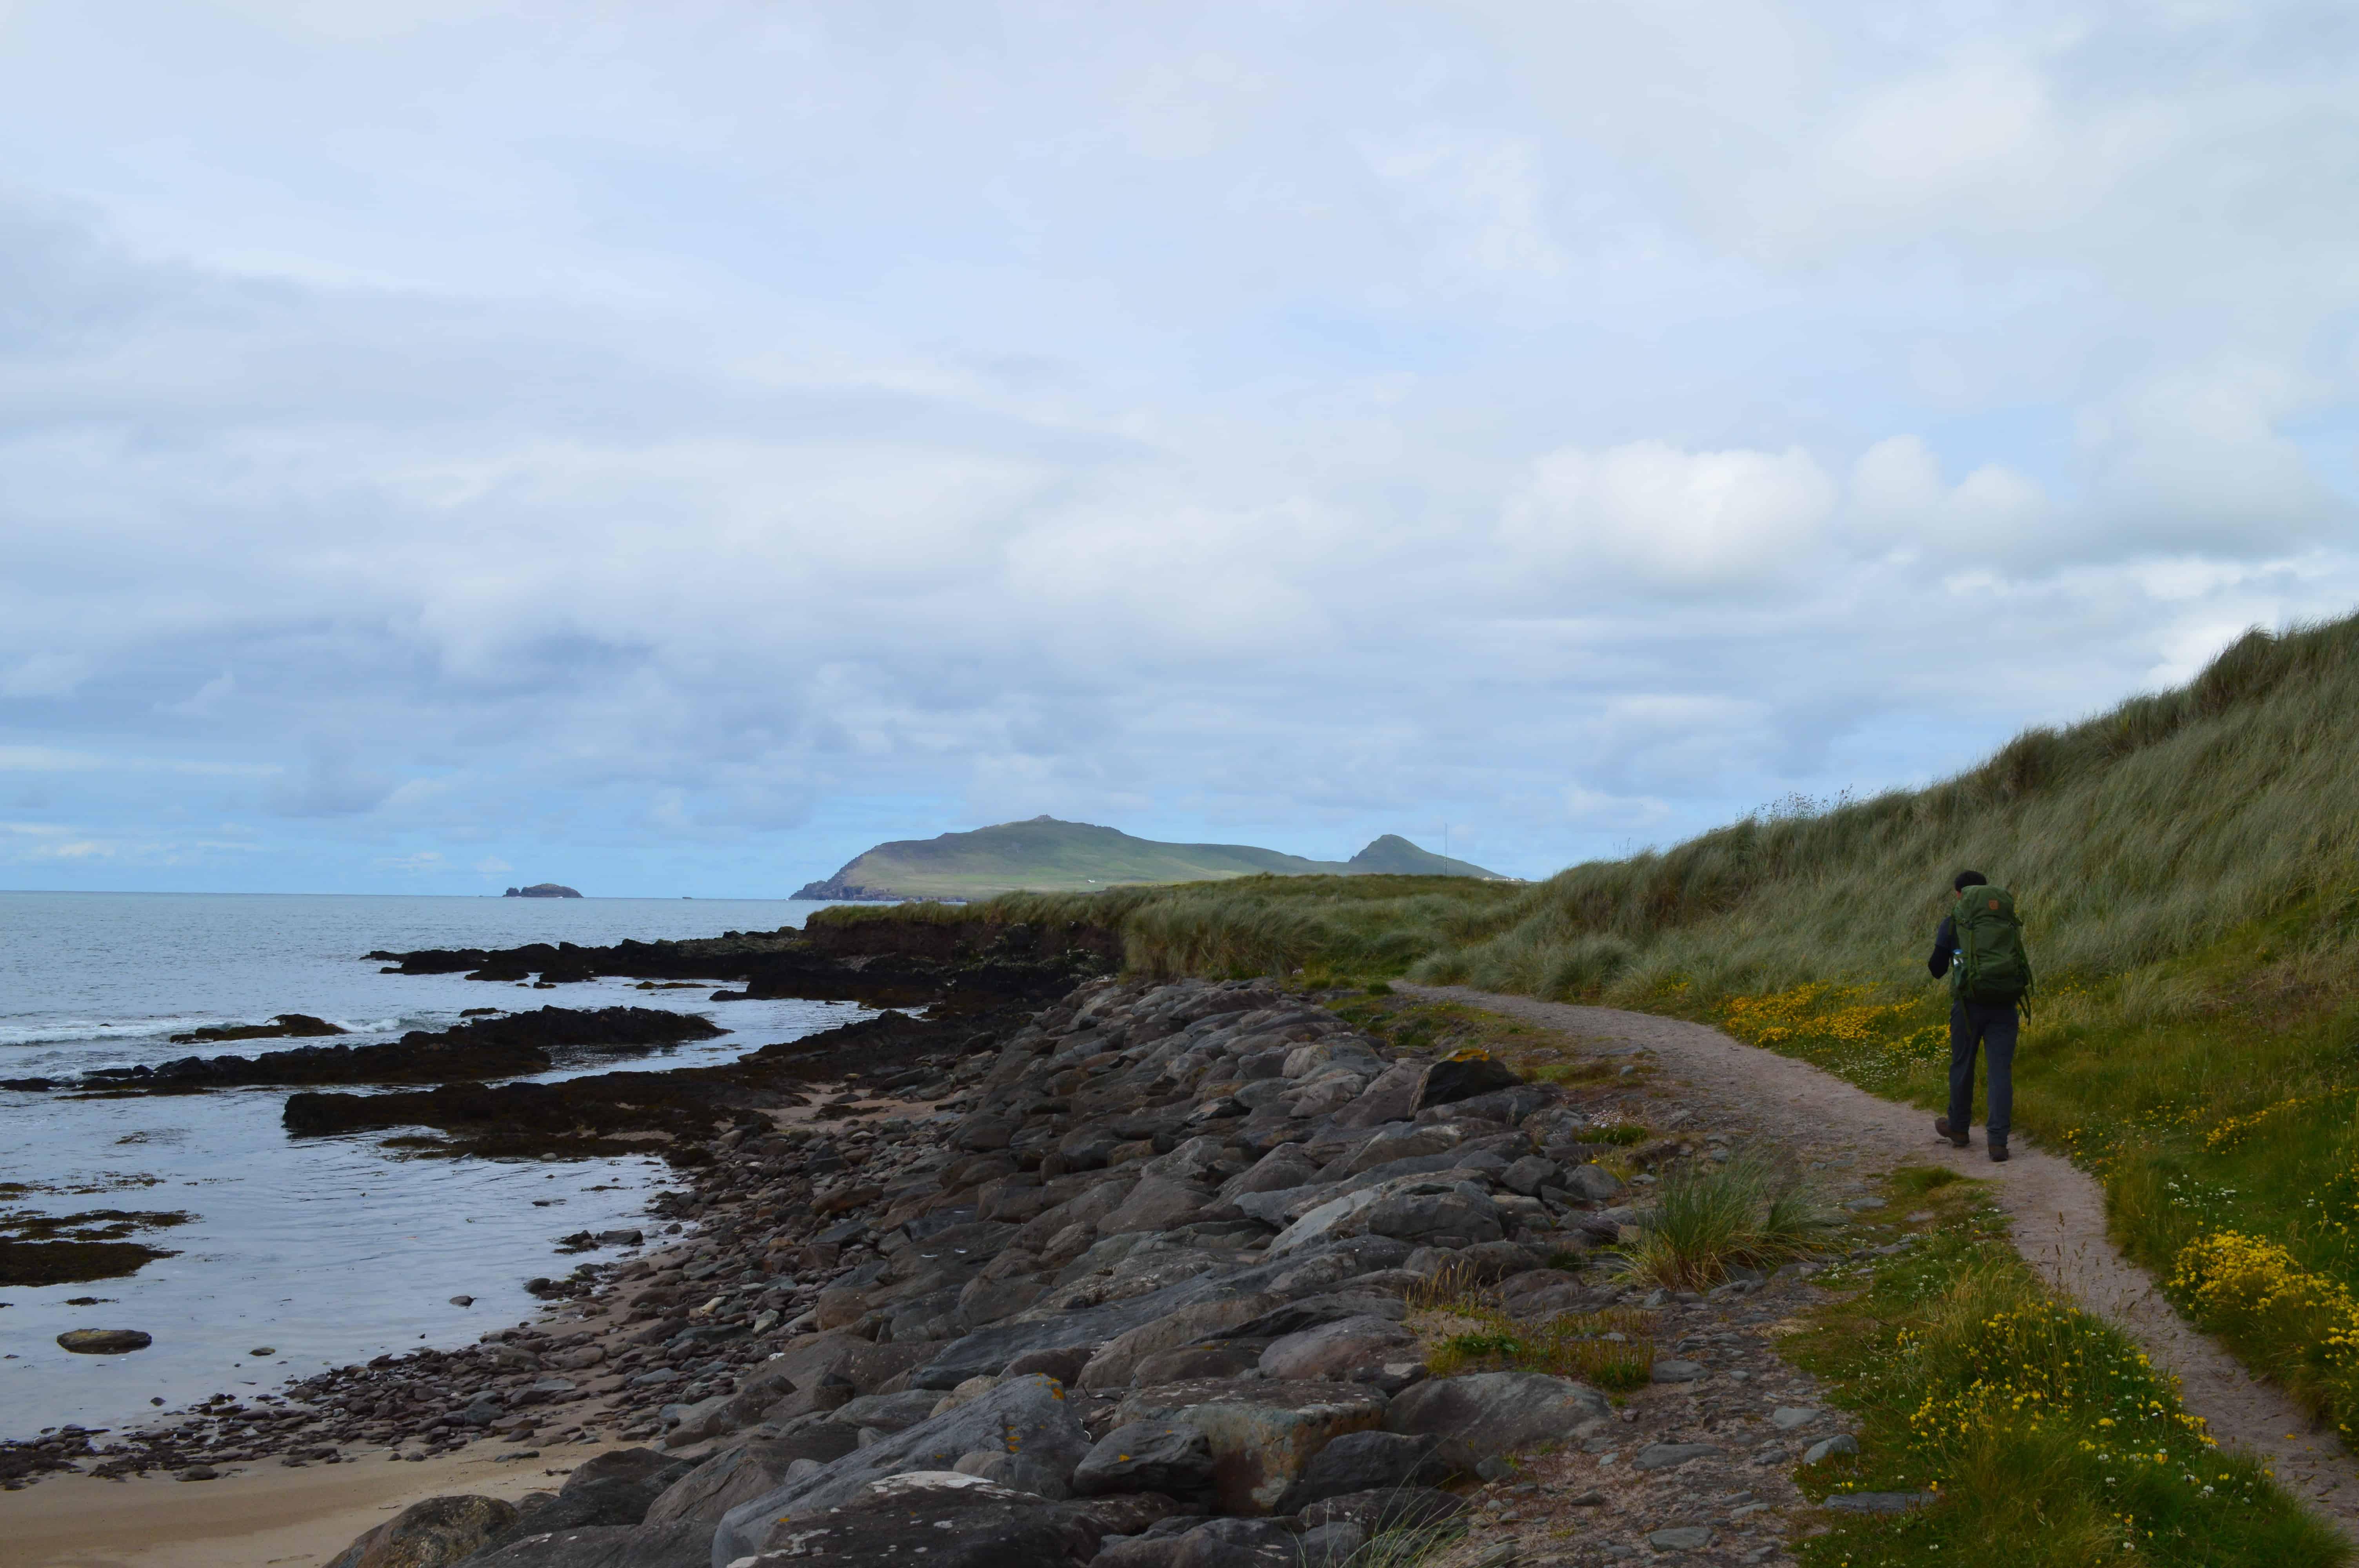 Langs de kust wandelen - De Dingleway - HappyHikers